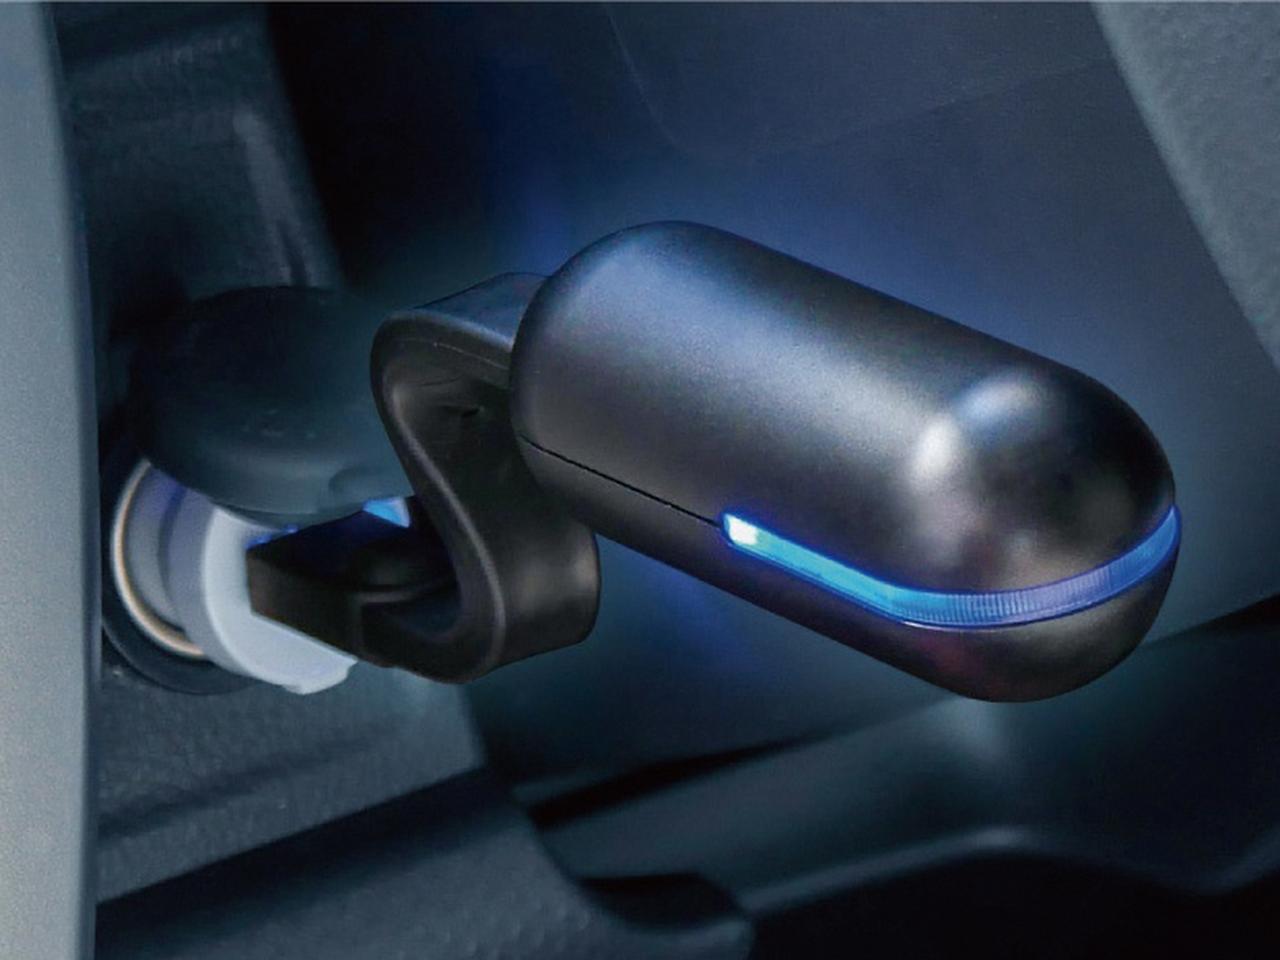 画像: 受信機は車内のUSBポートにつなぐだけ。フレキシブルワイヤーで設置の自由度も高い。本体裏にUSBポートが装備されているので、そこからスマホの充電もできる。